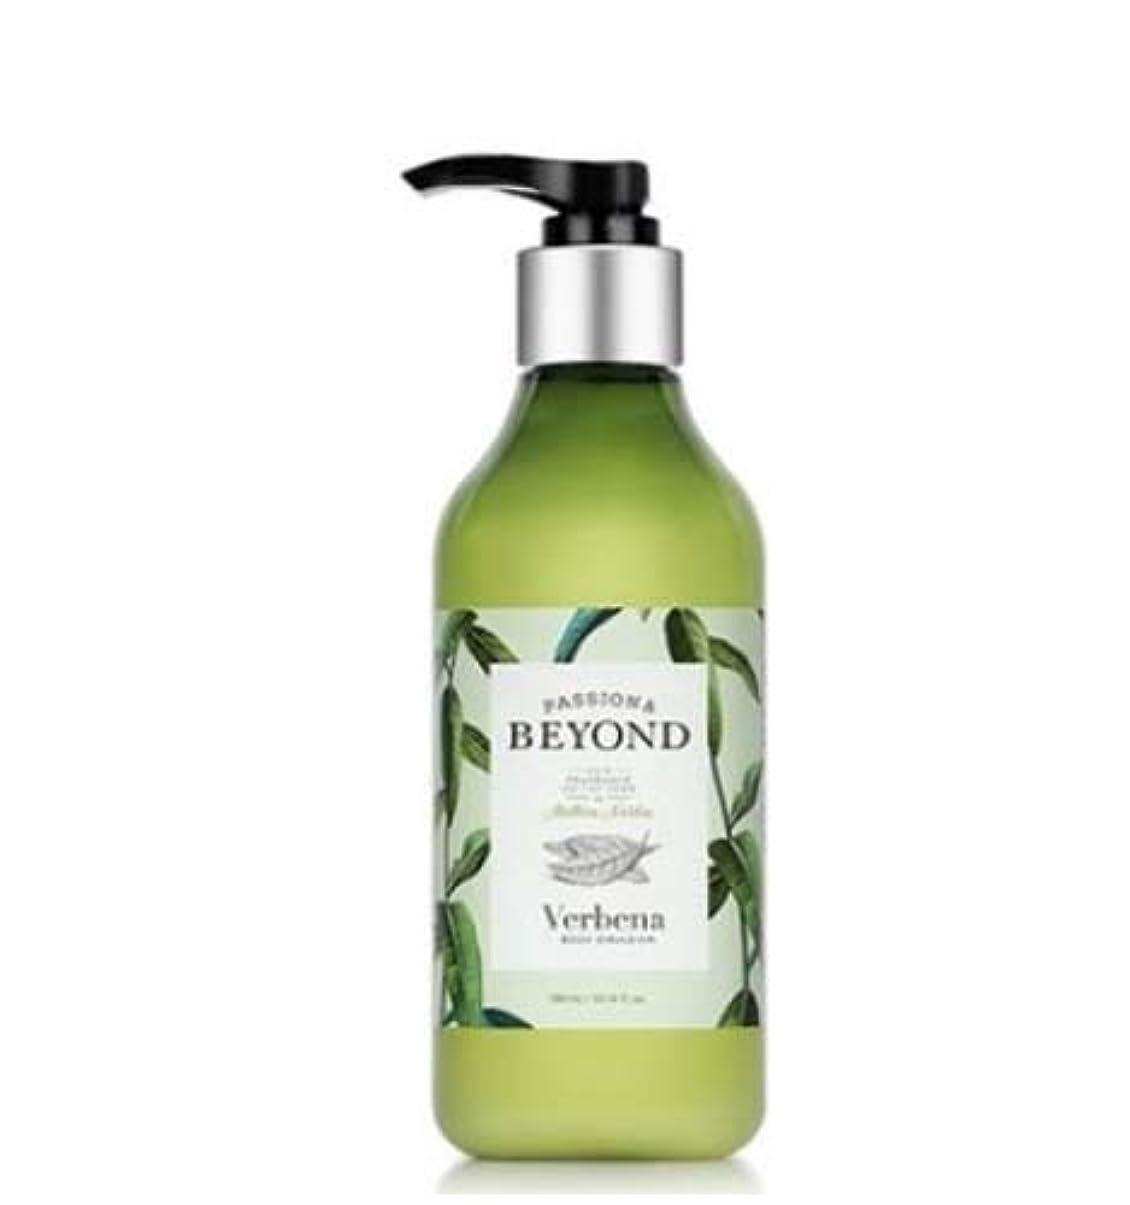 三番ドラッグ送料[ビヨンド] BEYOND [バーベナ ボディ エマルジョン 300ml] Verbena Body Emulsion 300ml [海外直送品]